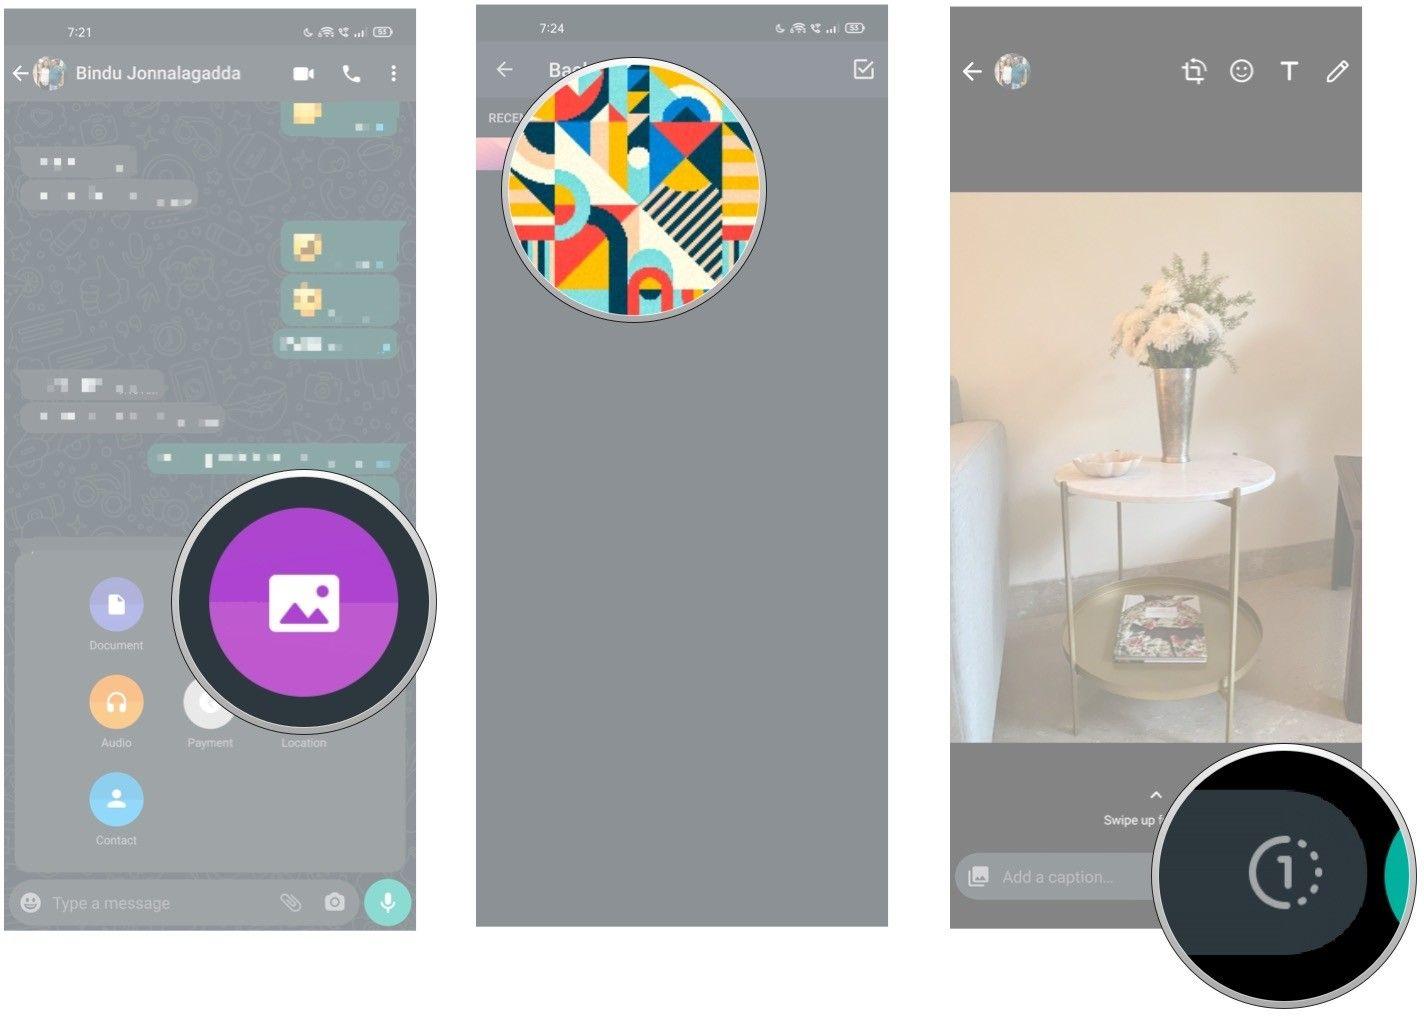 قابلیت ارسال عکس یکبار مصرف در واتساپ